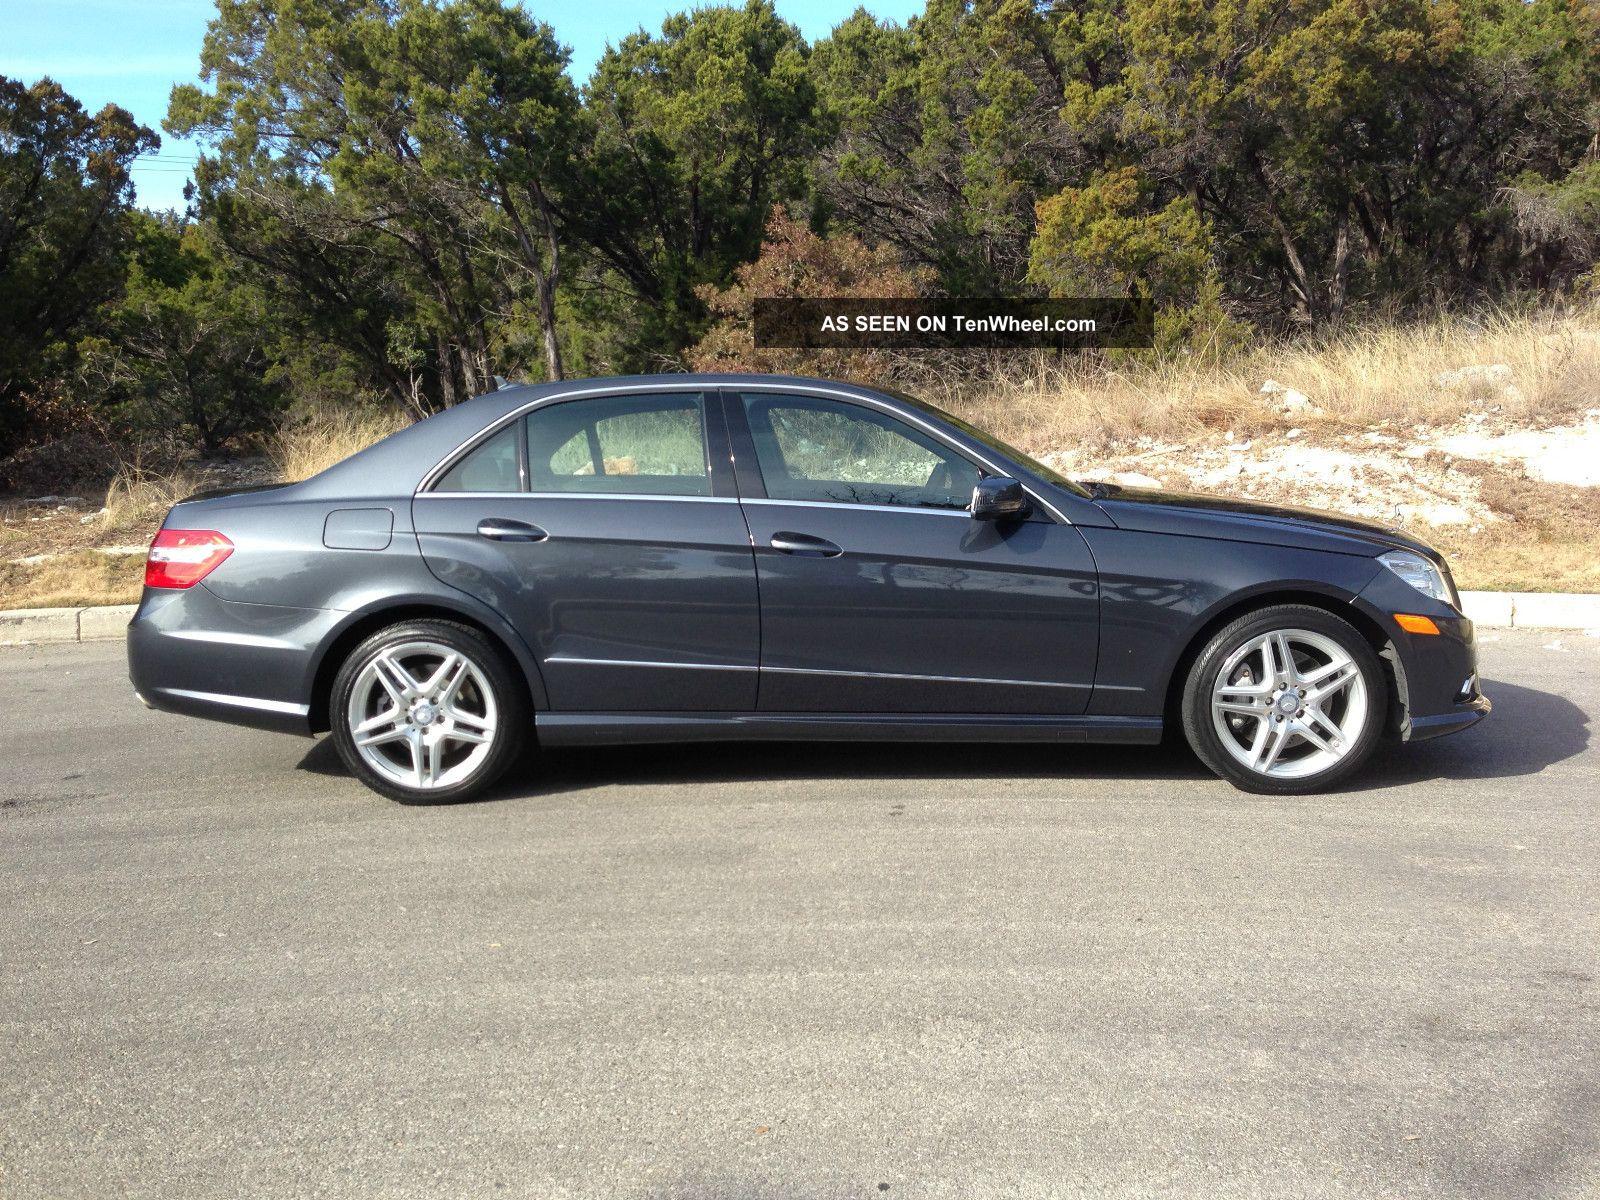 2011 mercedes benz e550 base sedan 4 door 5 5l very for 2011 mercedes benz e550 coupe